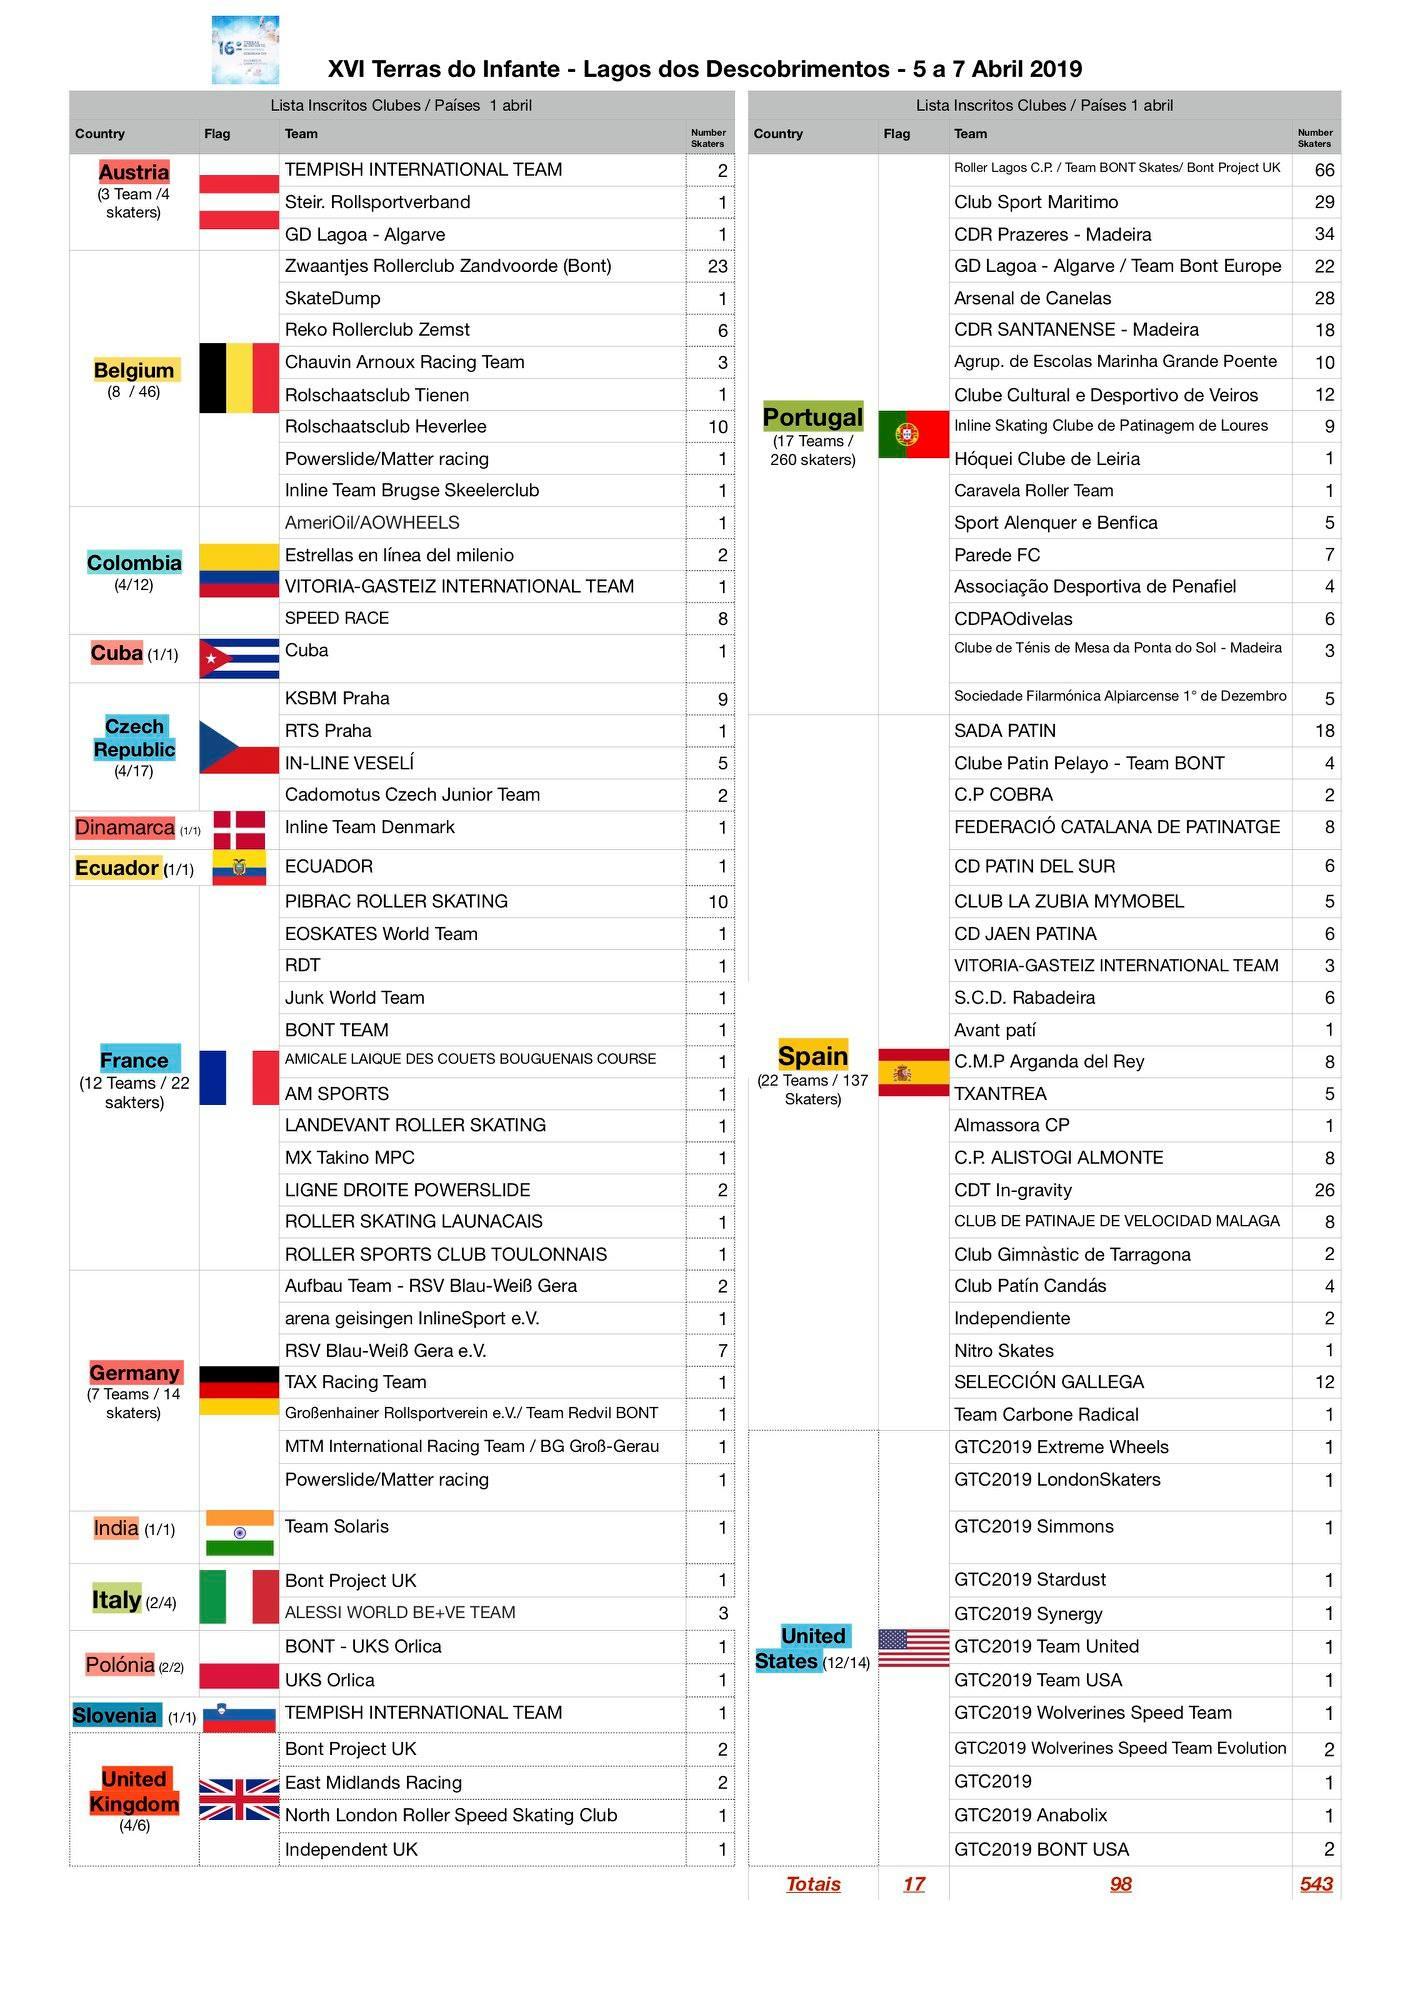 17 paises presentes na xvi edição do terras do infante 17 Paises presentes na XVI Edição do Terras do Infante 55842811 1080535658798337 5851916378436534272 o 1